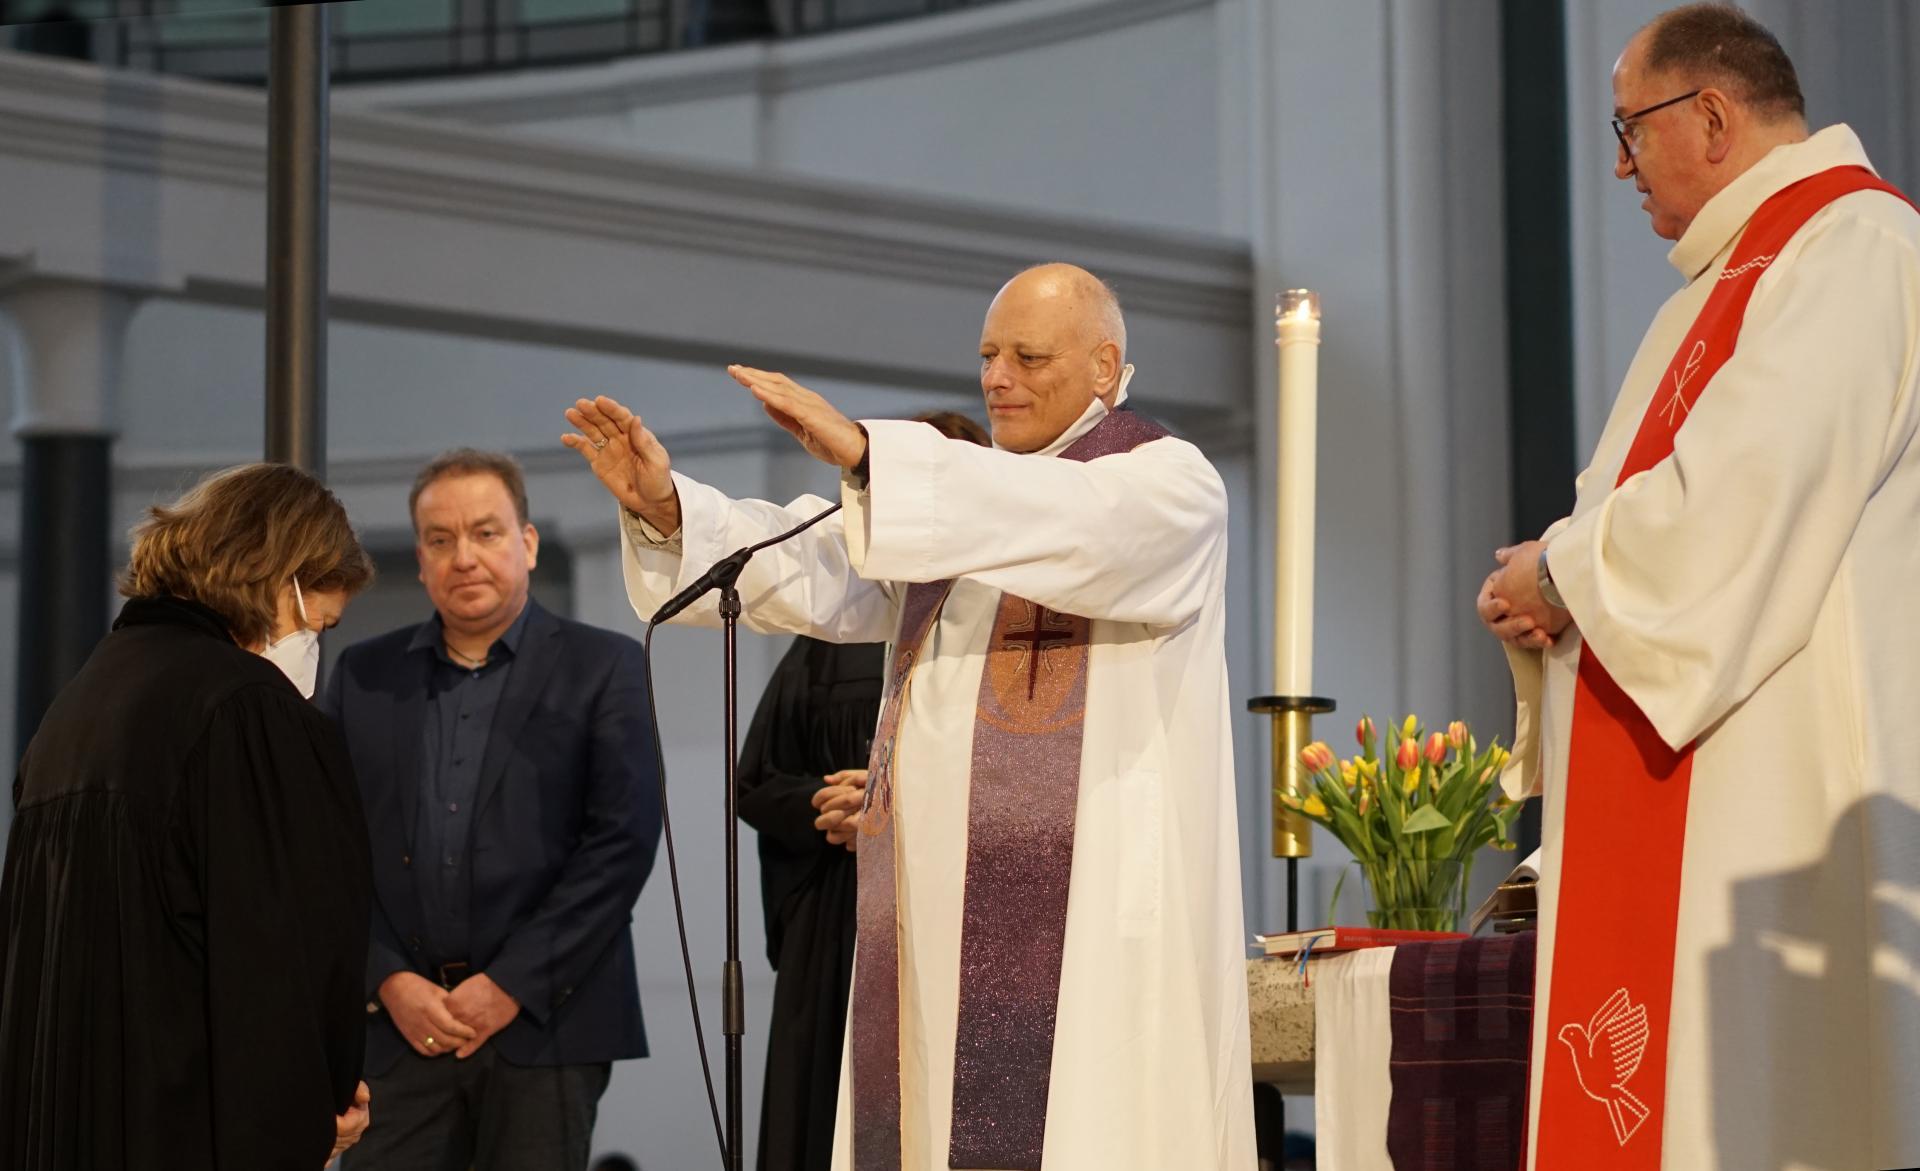 Segen für Pfarrerin von Kirchbach